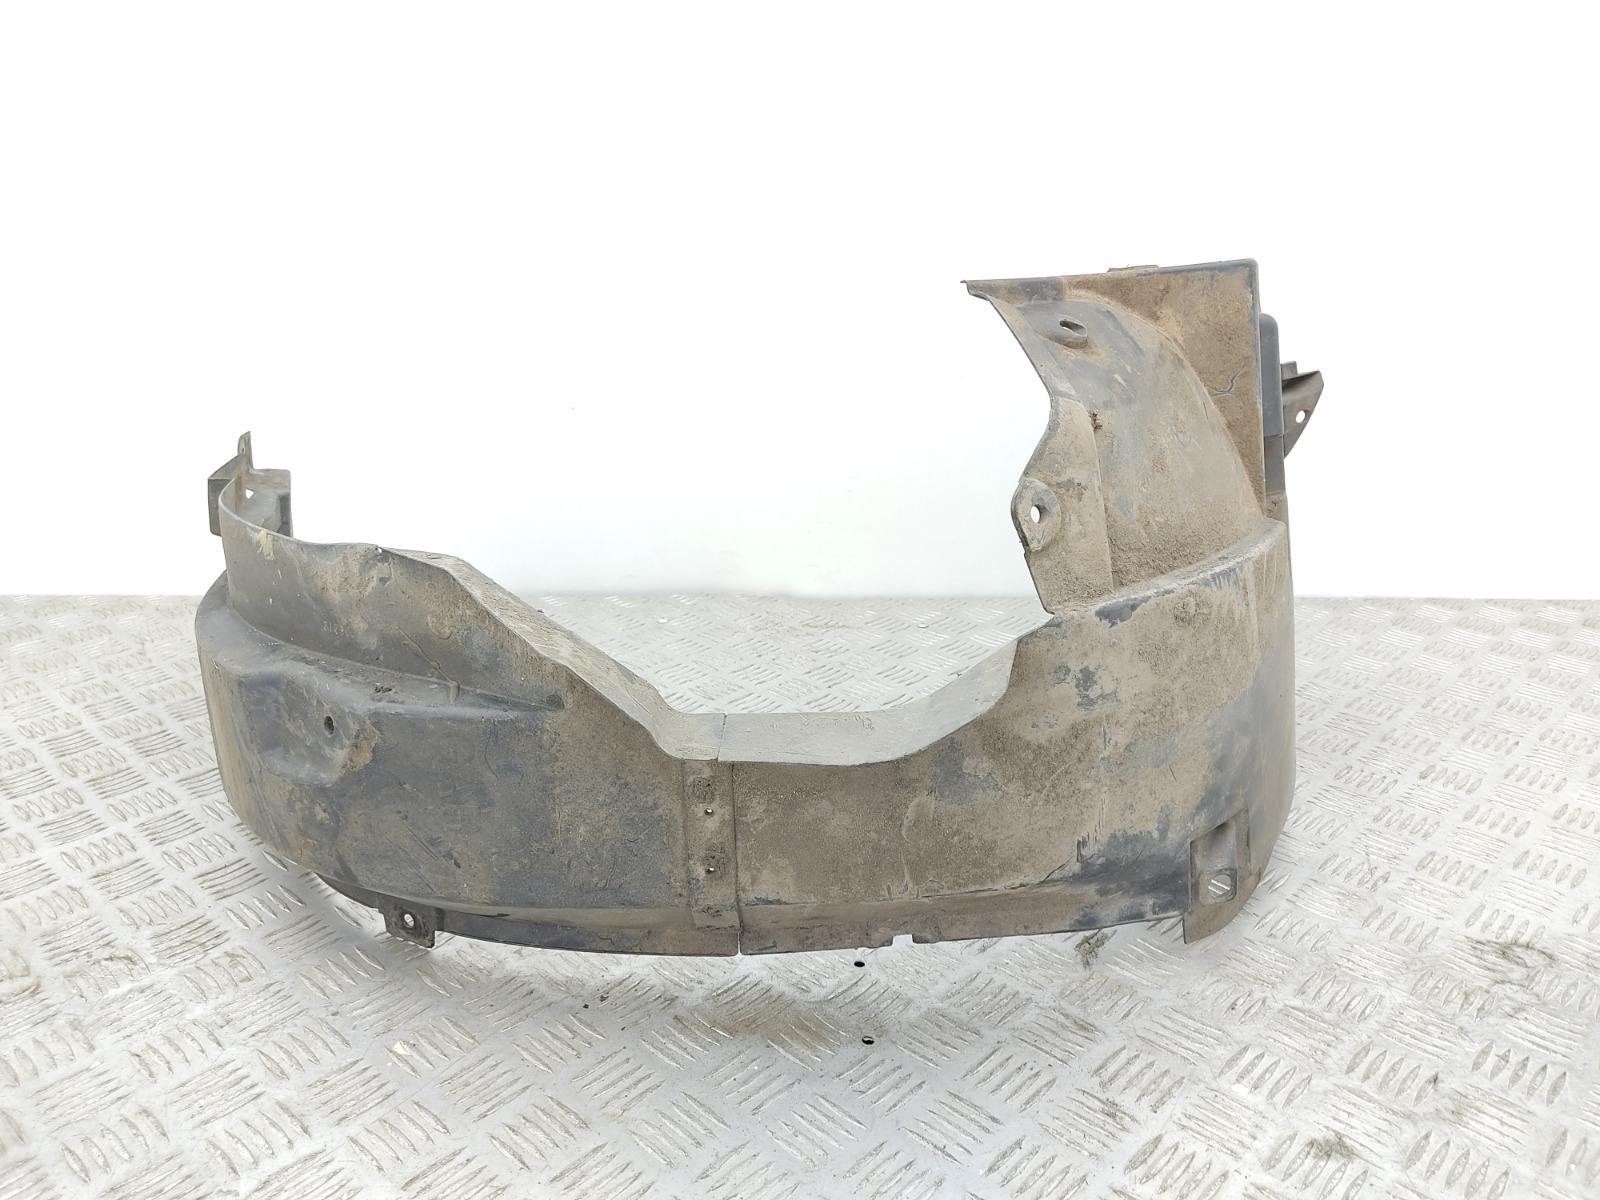 Защита арок передняя правая (подкрылок) Kia Sportage 2.0 CRDI 2009 (б/у)